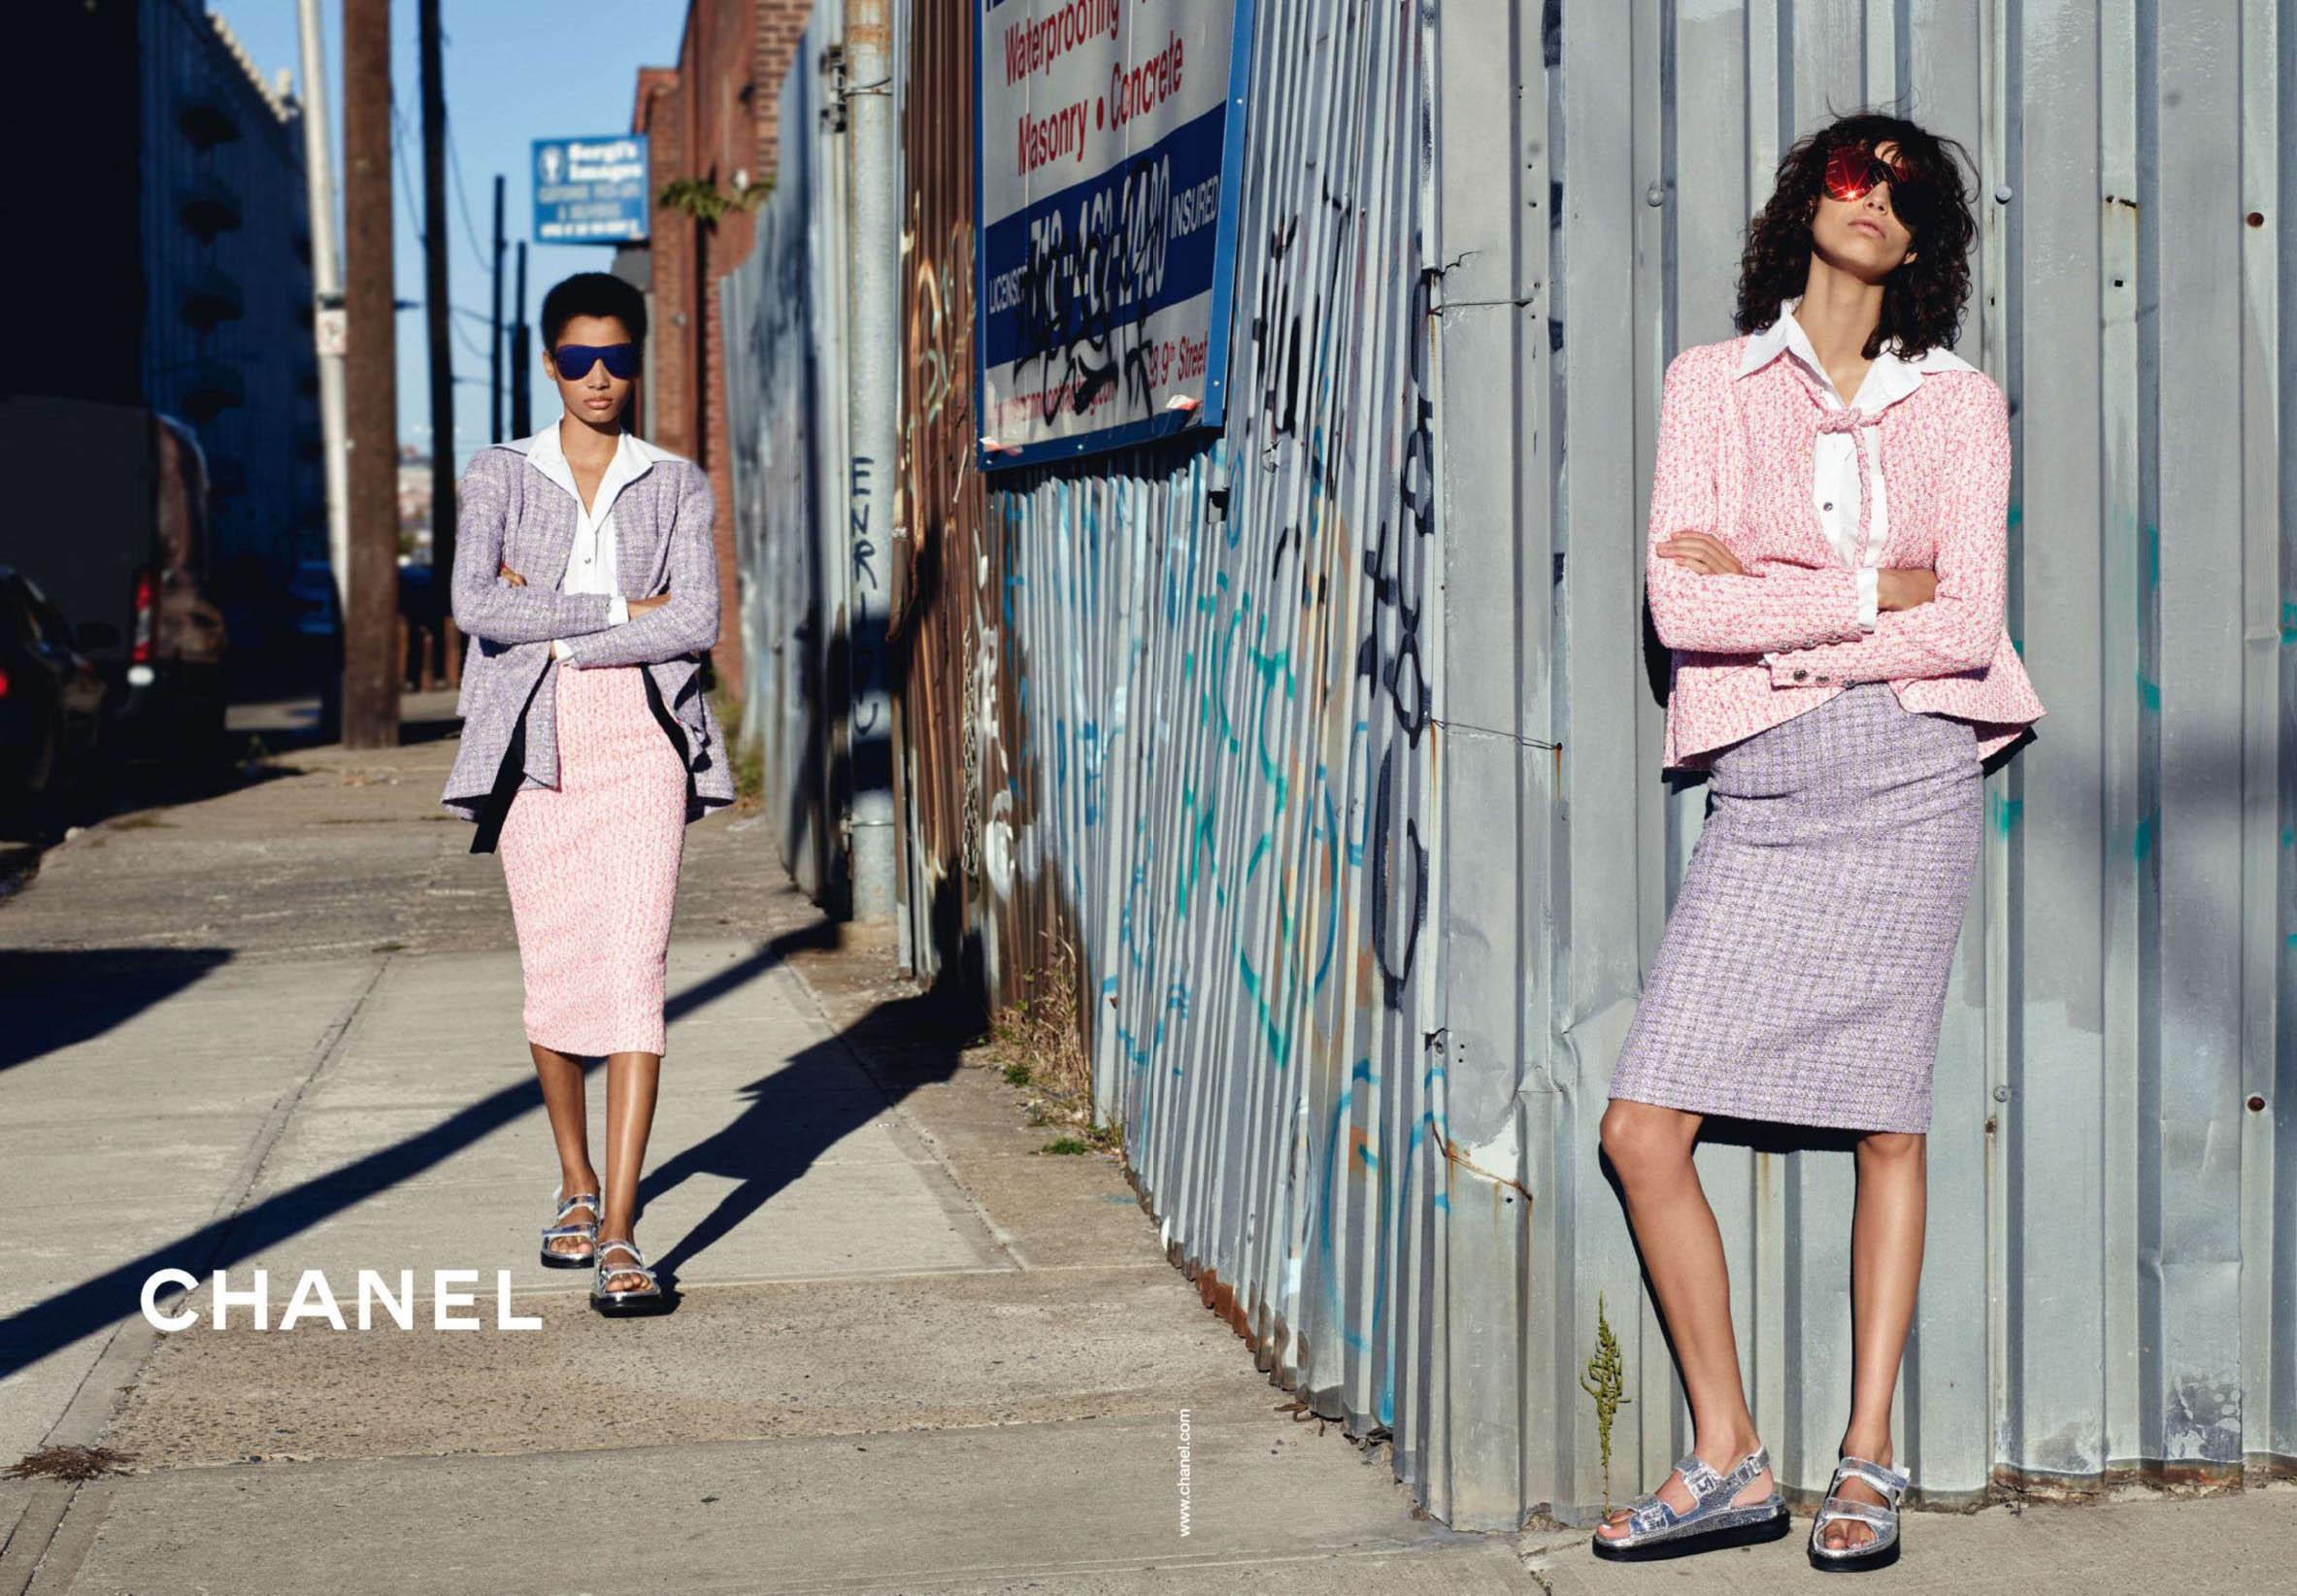 Chanel SS16 campagna pubblicitaria